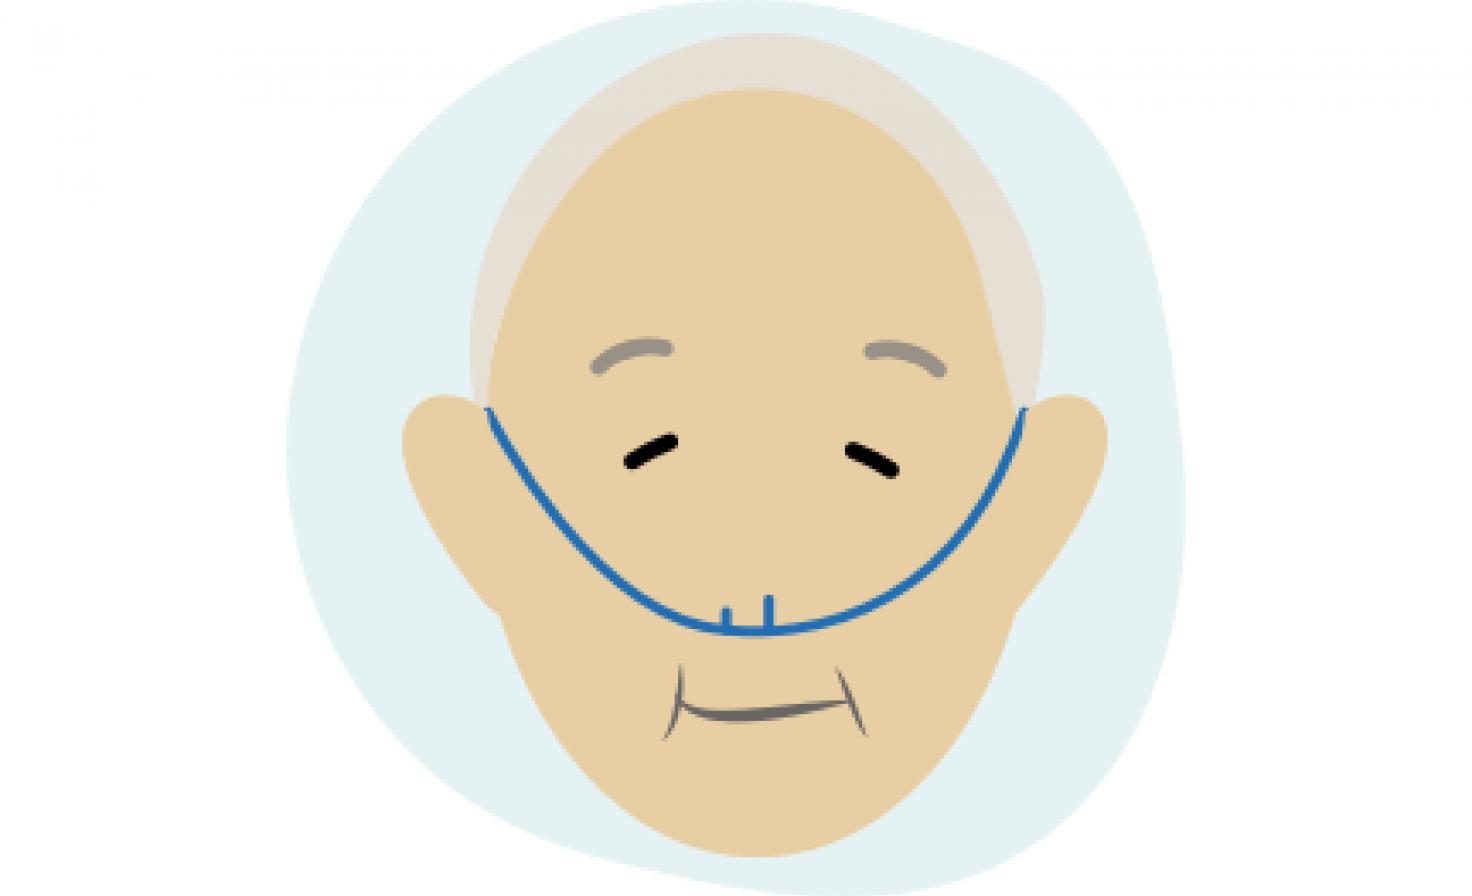 Schematische Darstellung eines Patienten, der Sauerstofftherapie erhält.